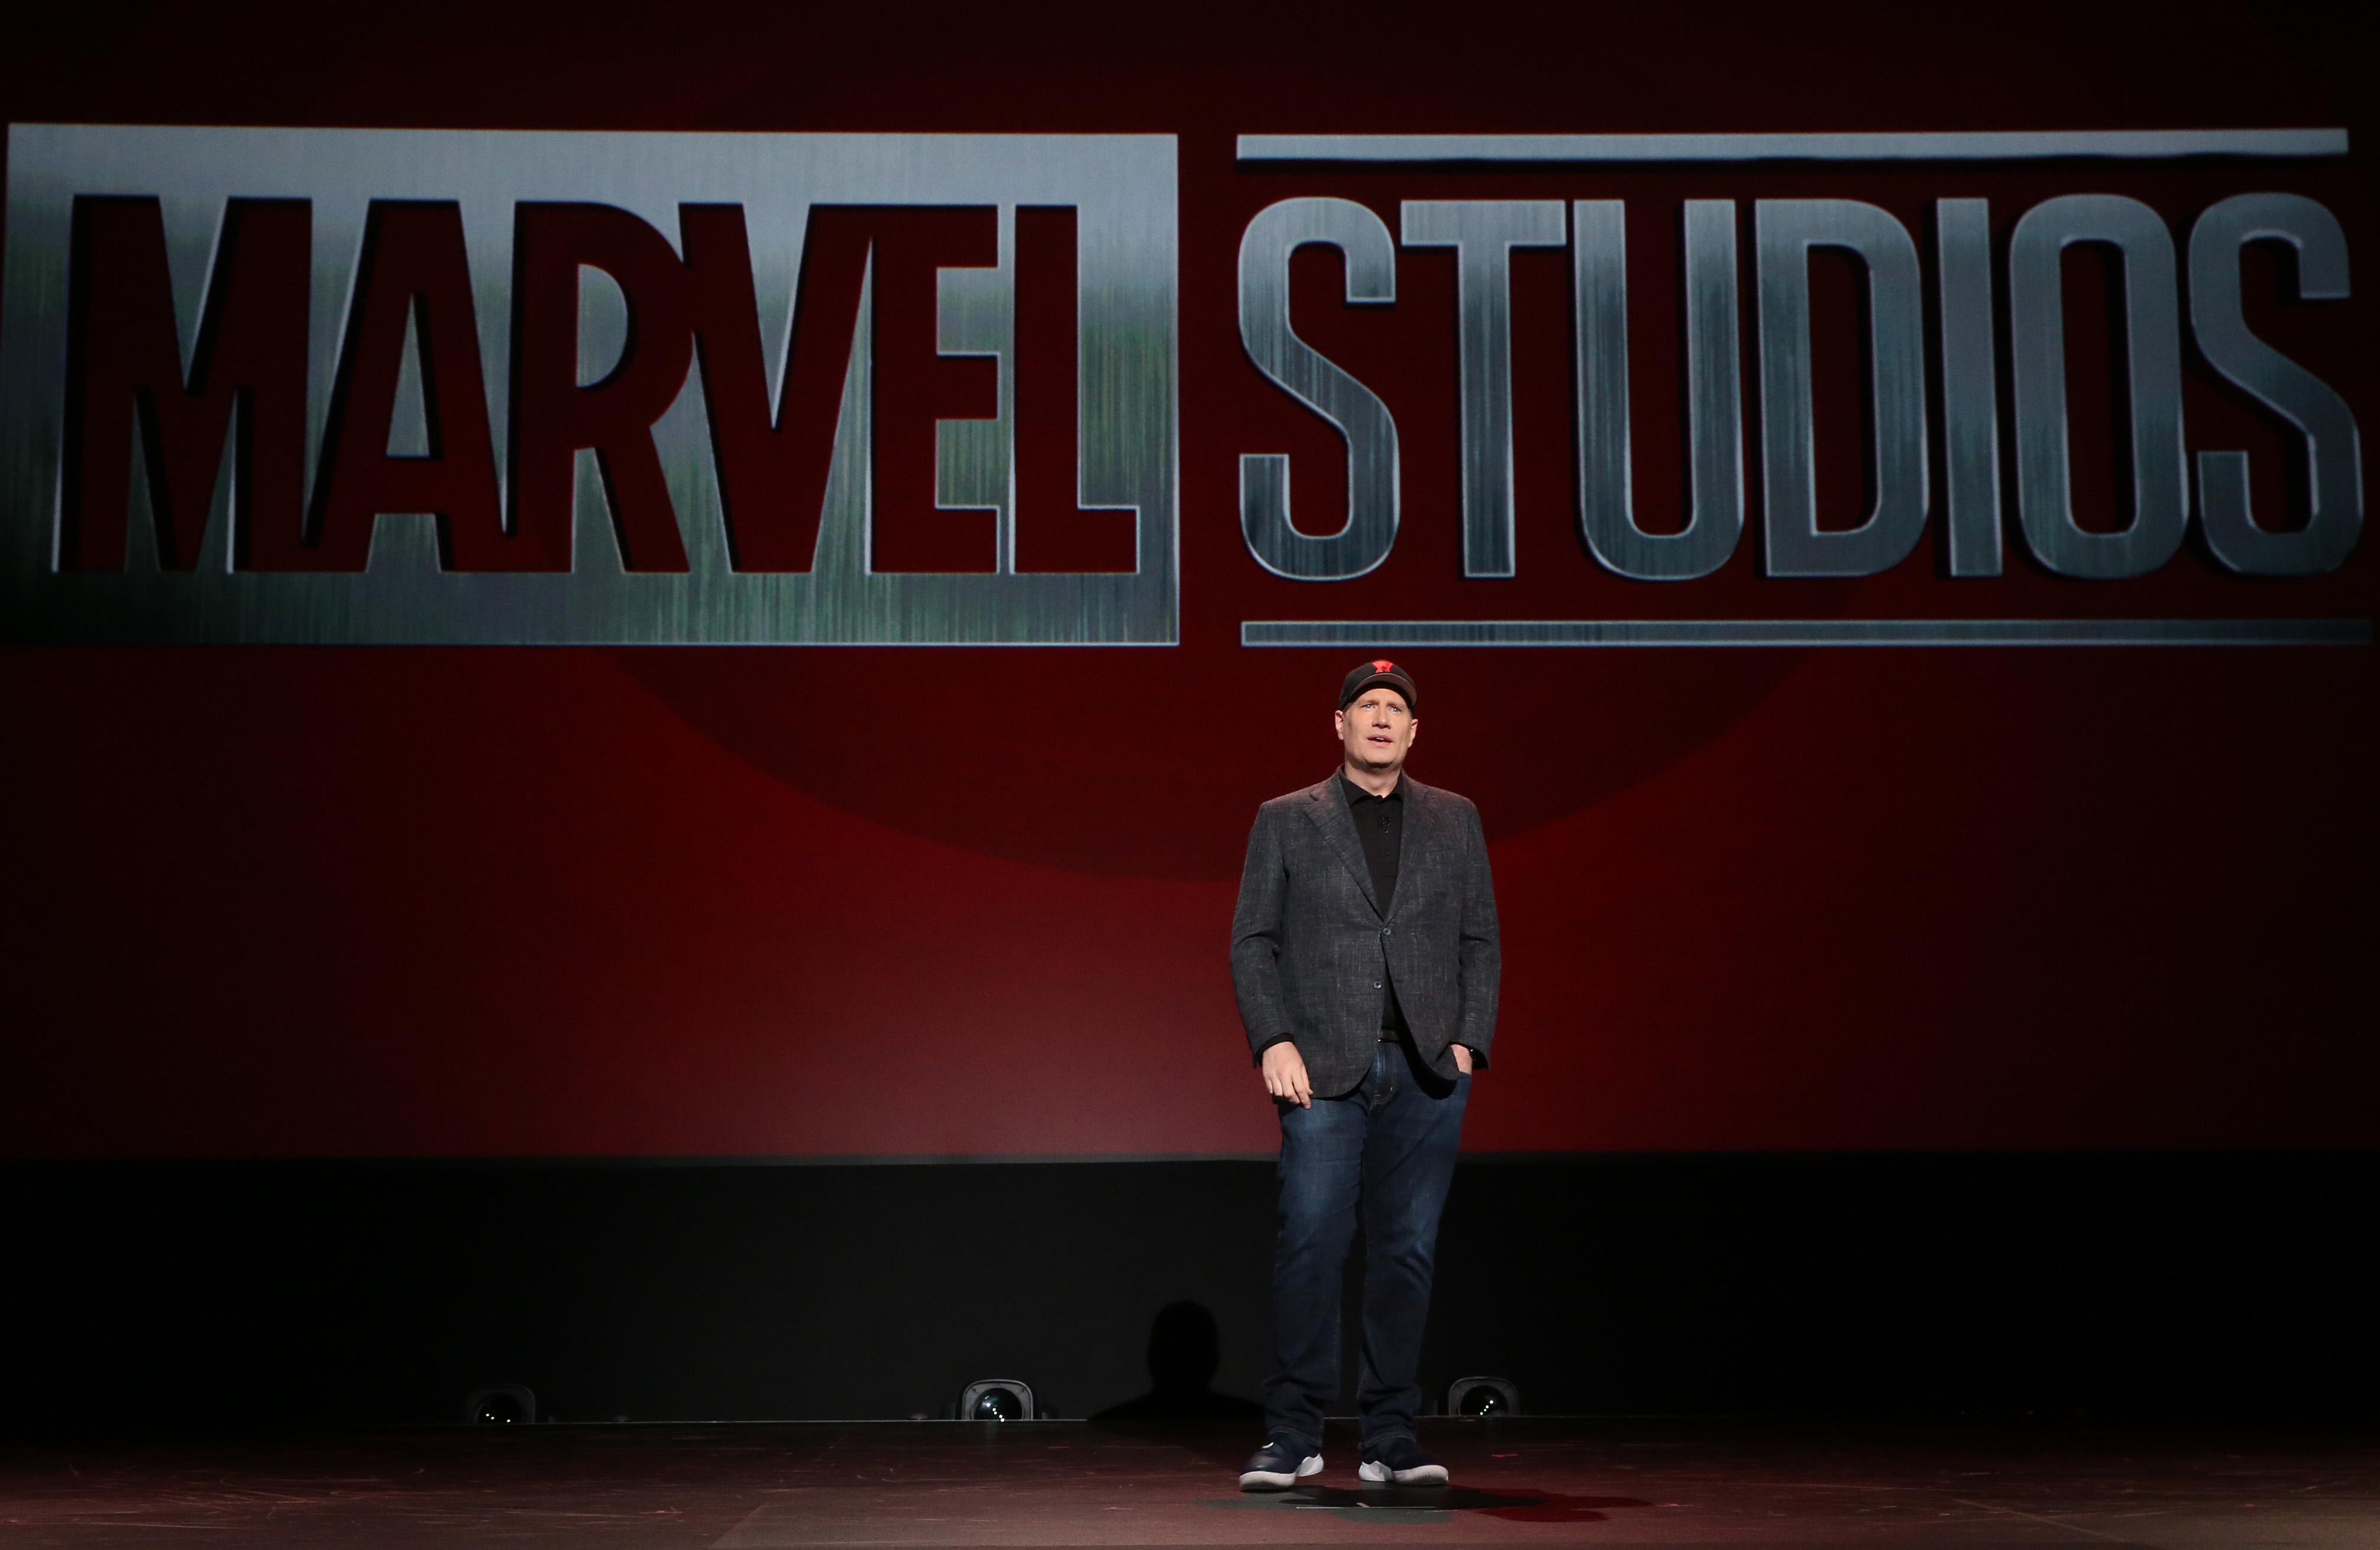 8月24日,星期六,迪士尼工作室在D23世博会上展示